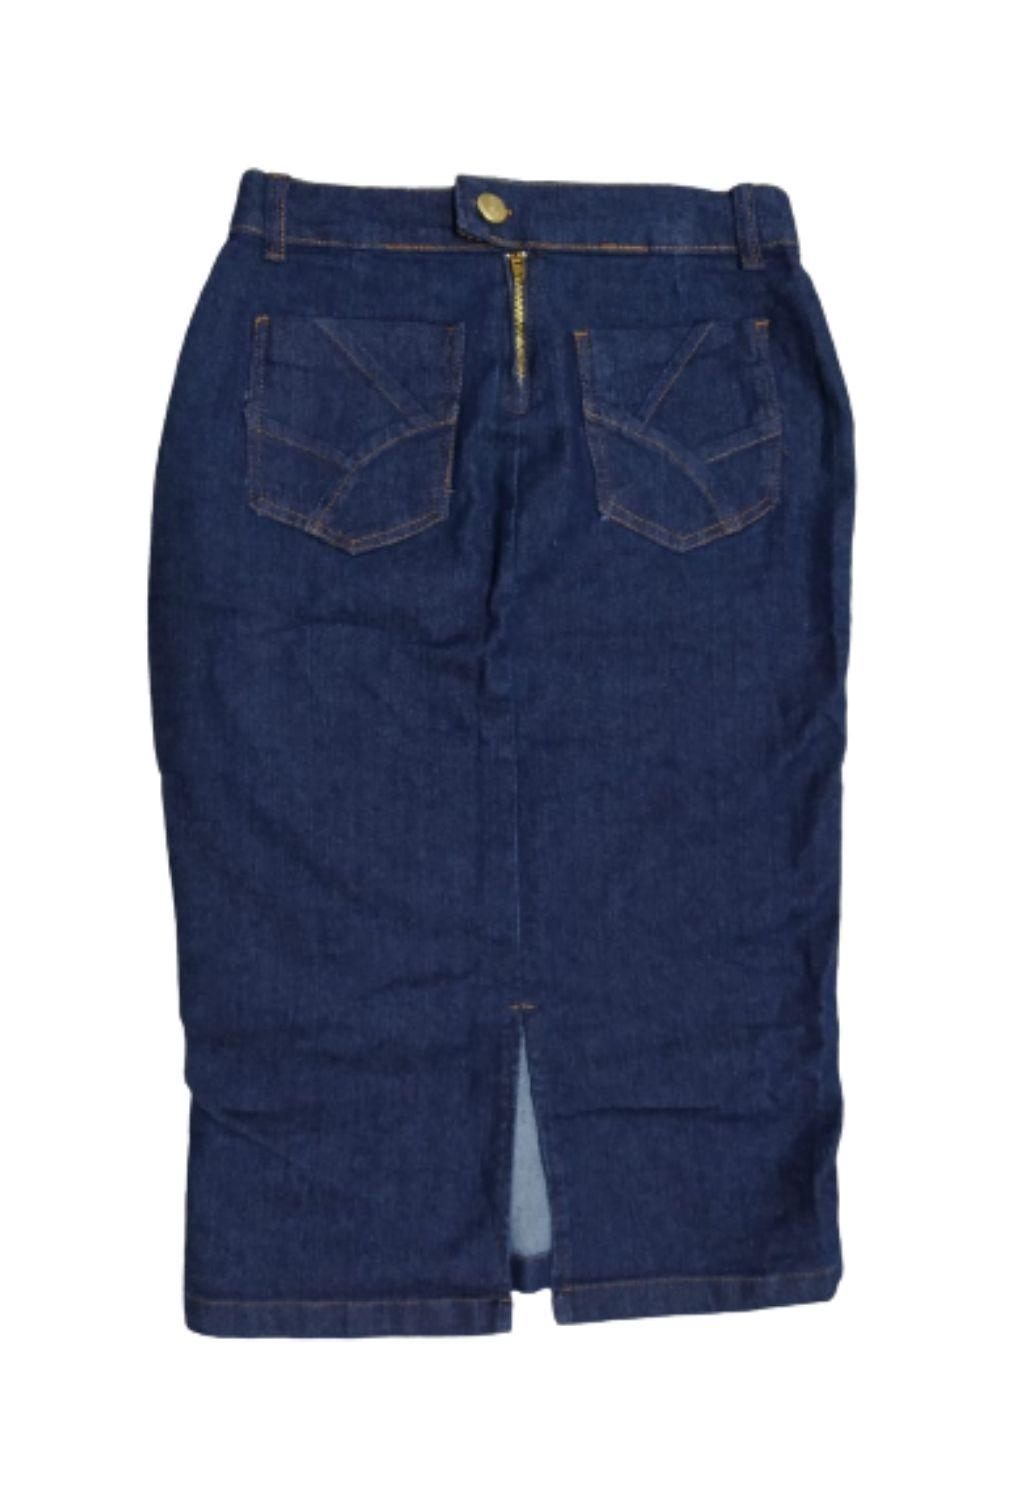 Saia Jeans Midi Lápis Detalhe Zíper na Barra Lateral  - ModaStore | Moda Feminina